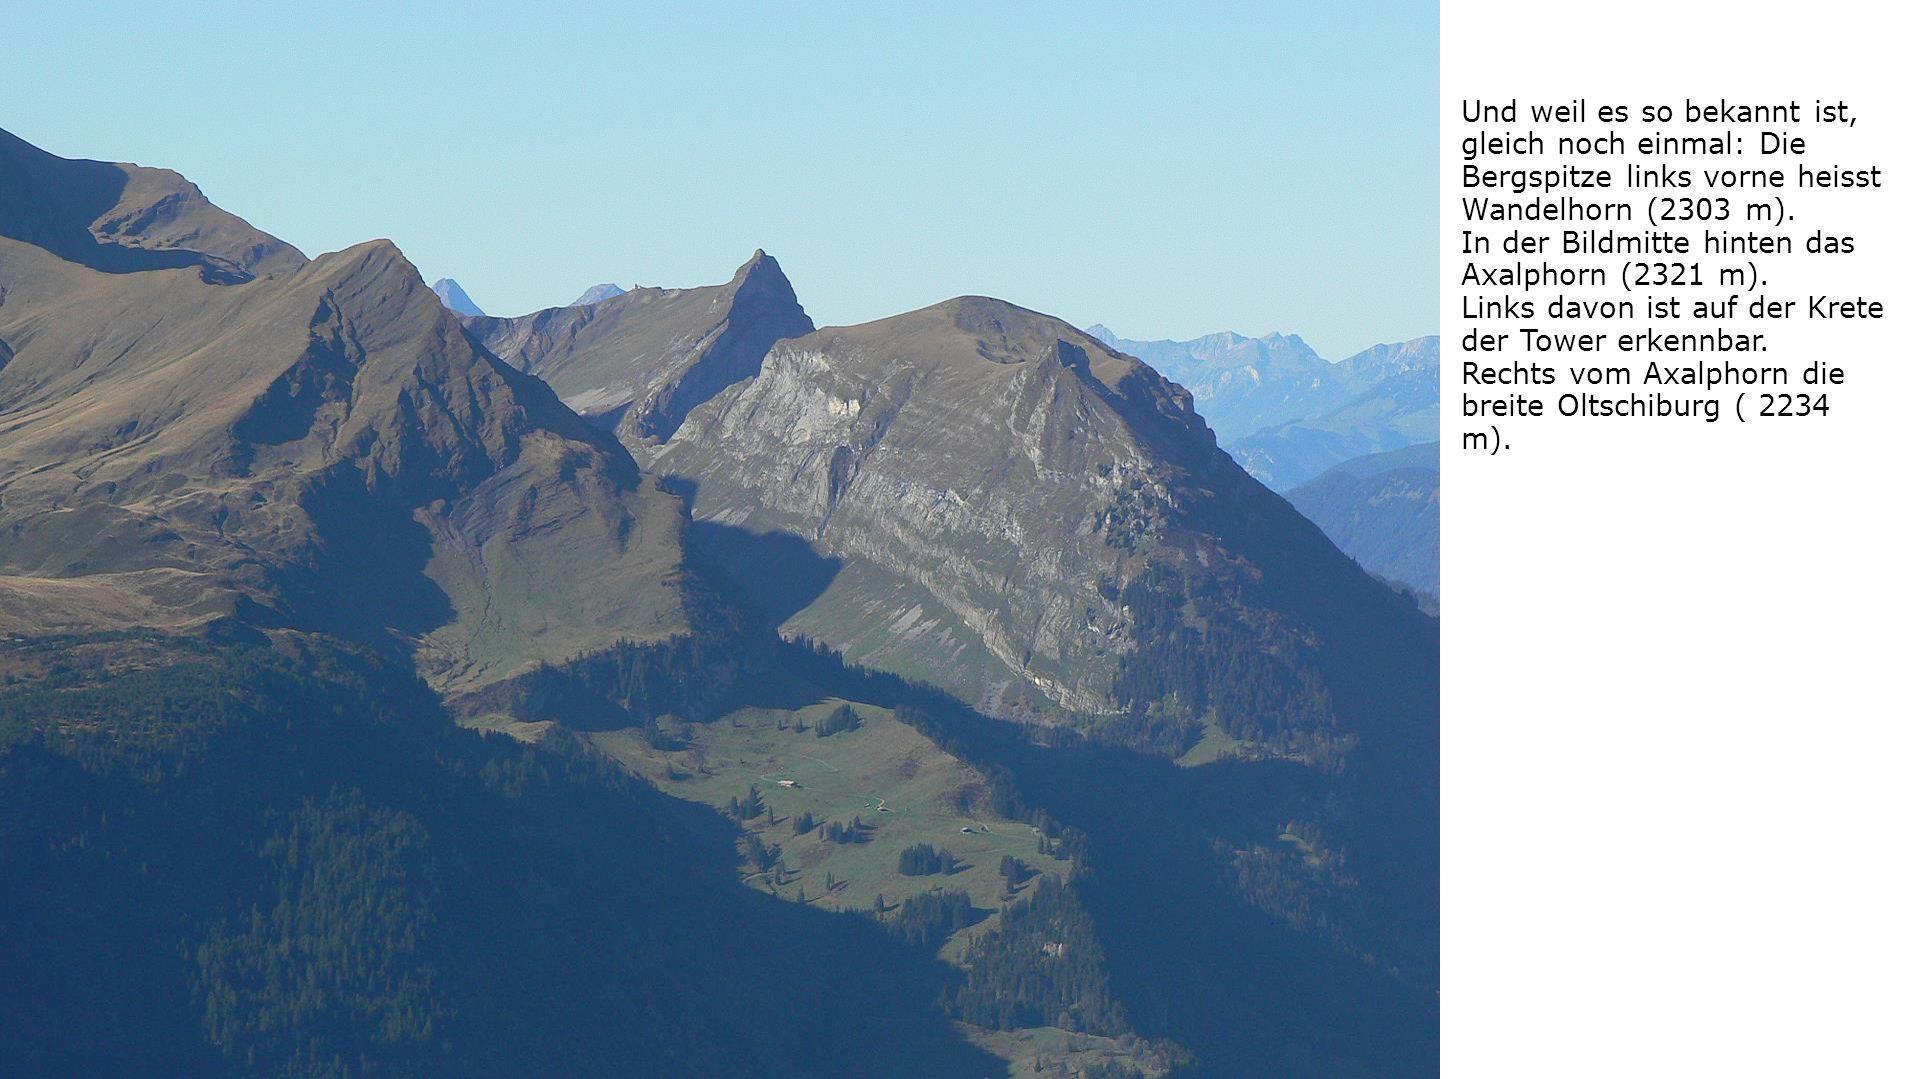 Und weil es so bekannt ist, gleich noch einmal: Die Bergspitze links vorne heisst Wandelhorn (2303 m).